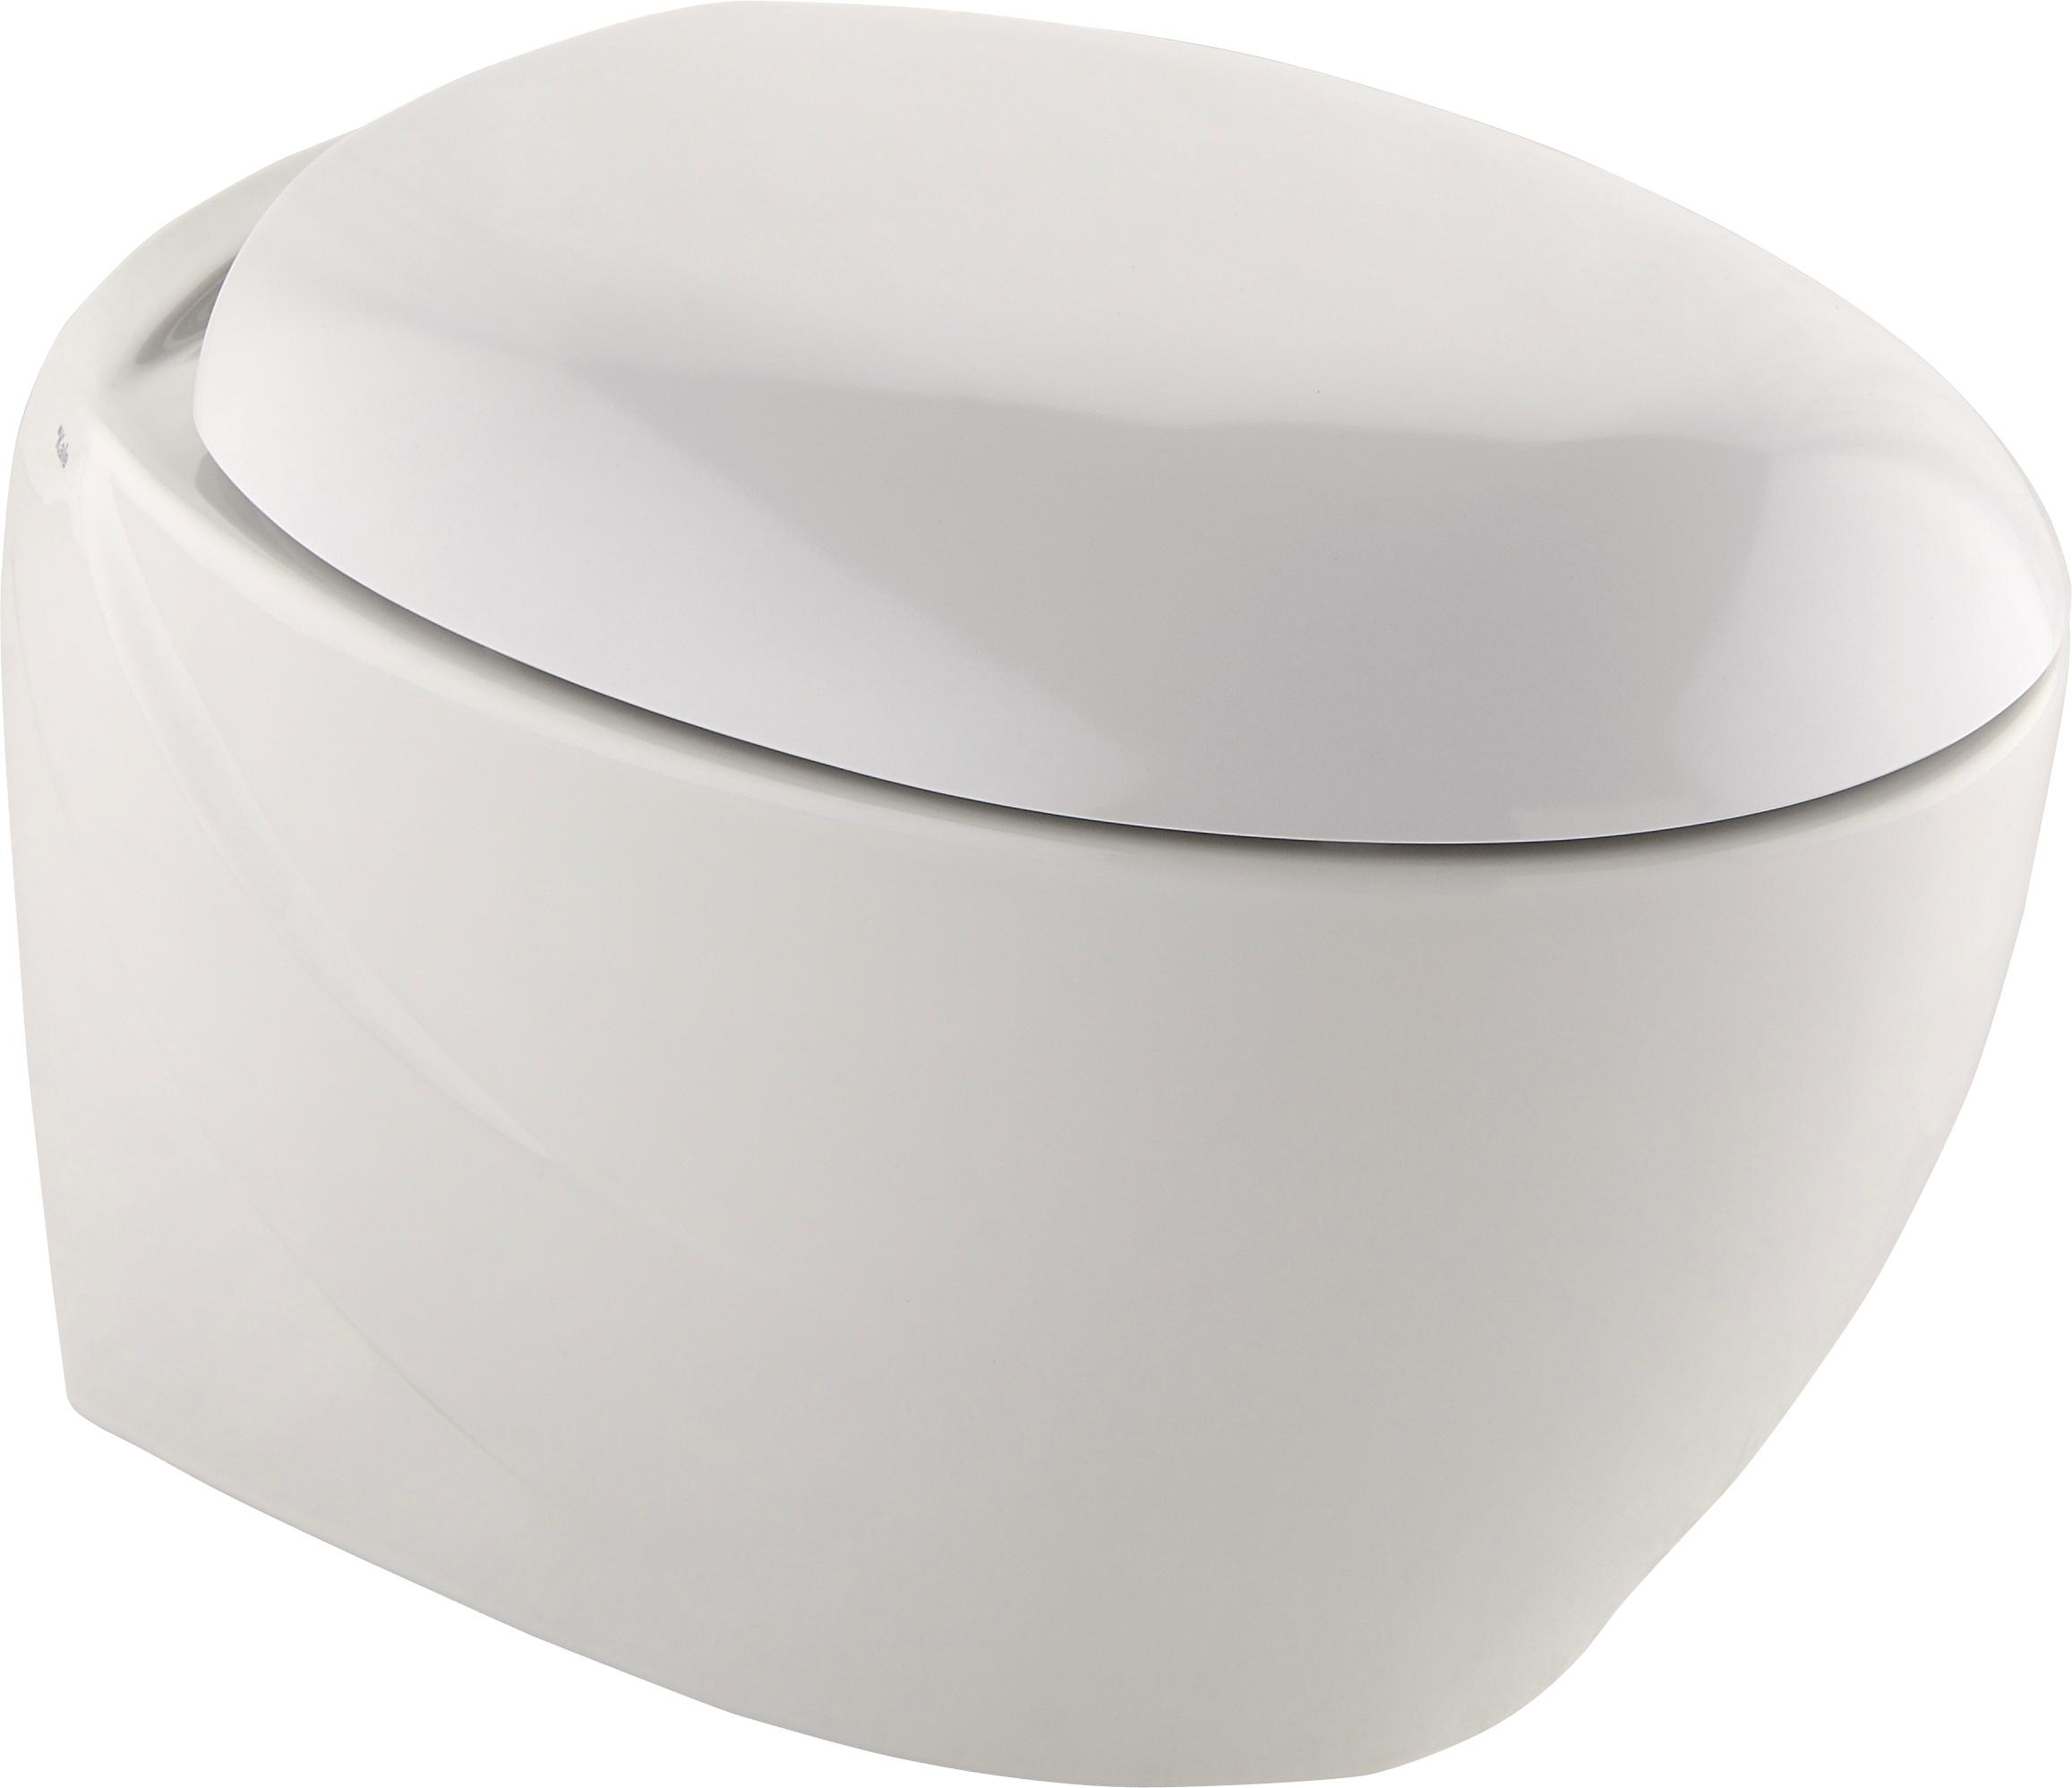 zen wc bidet taharet ks0012. Black Bedroom Furniture Sets. Home Design Ideas